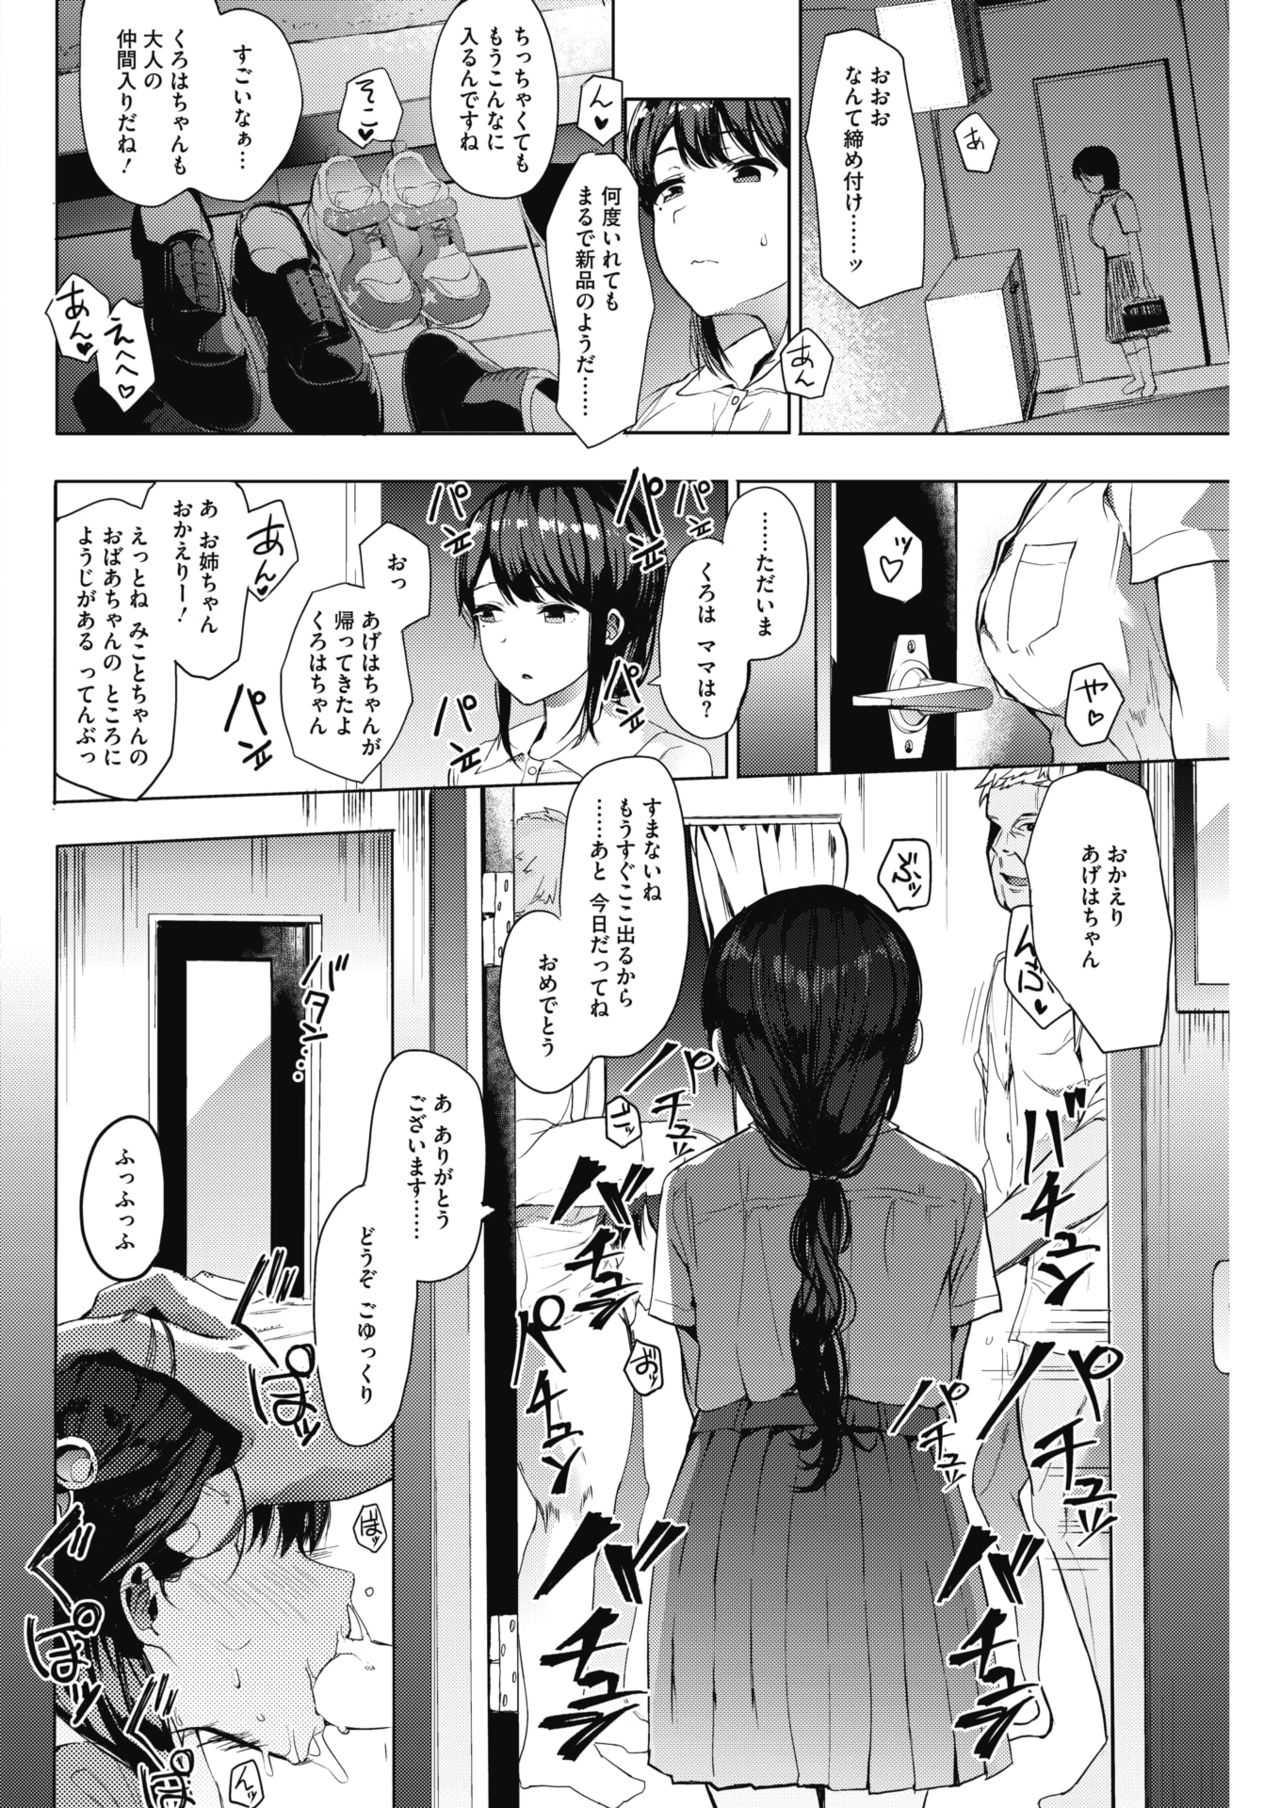 【エロ漫画】村の風習で娼婦になることを強いられるJK…水揚げの日が決まるが相手は見知った男で…!?【えいとまん:キンギョバチ】